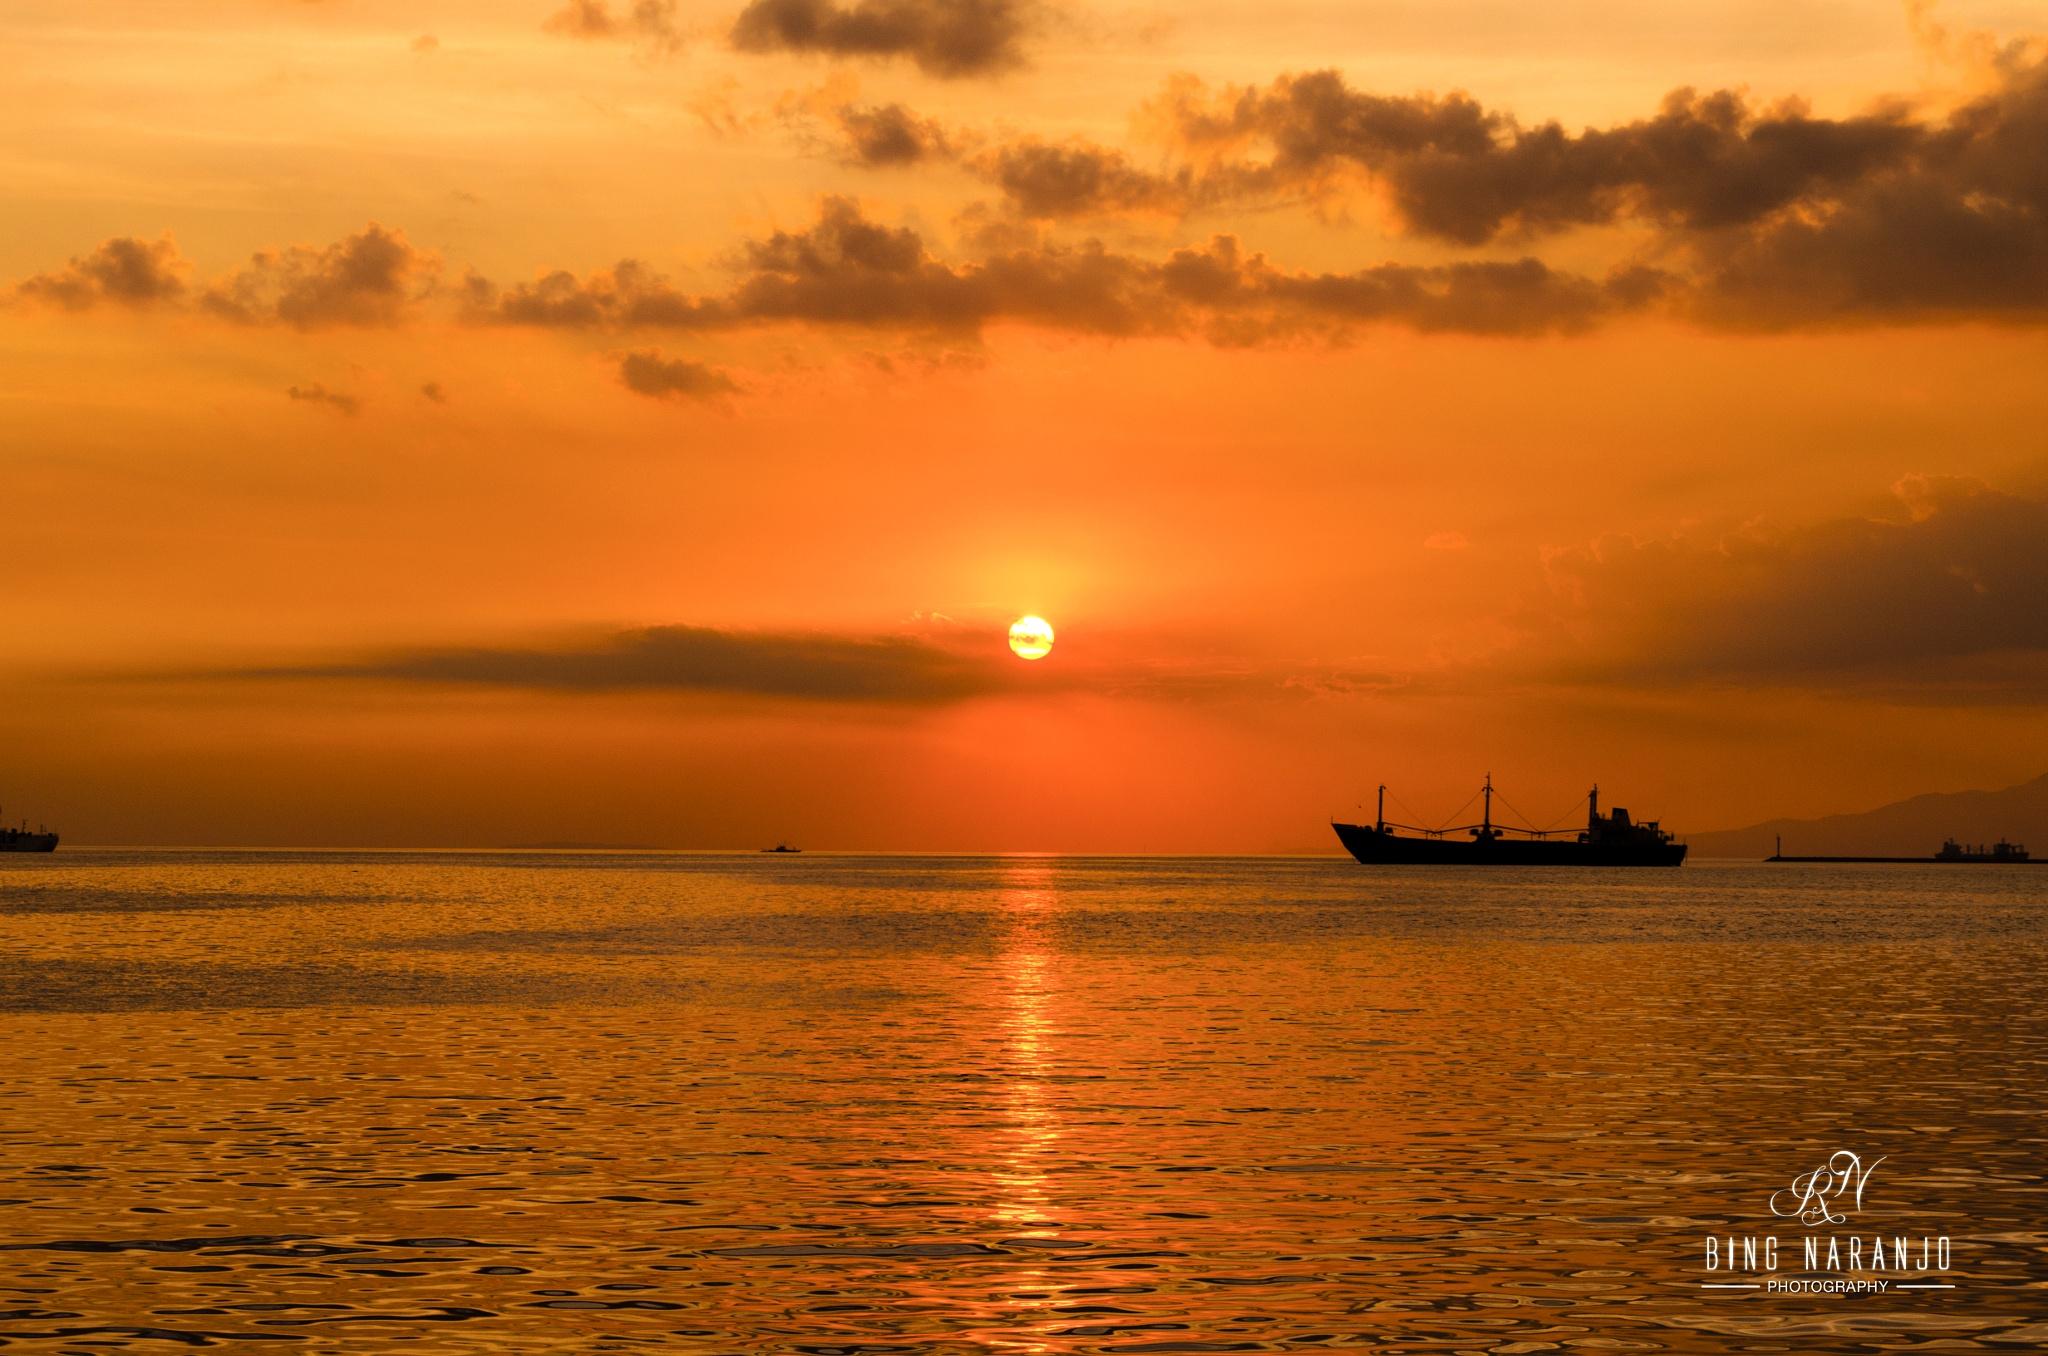 Baywalk sunset by Bing